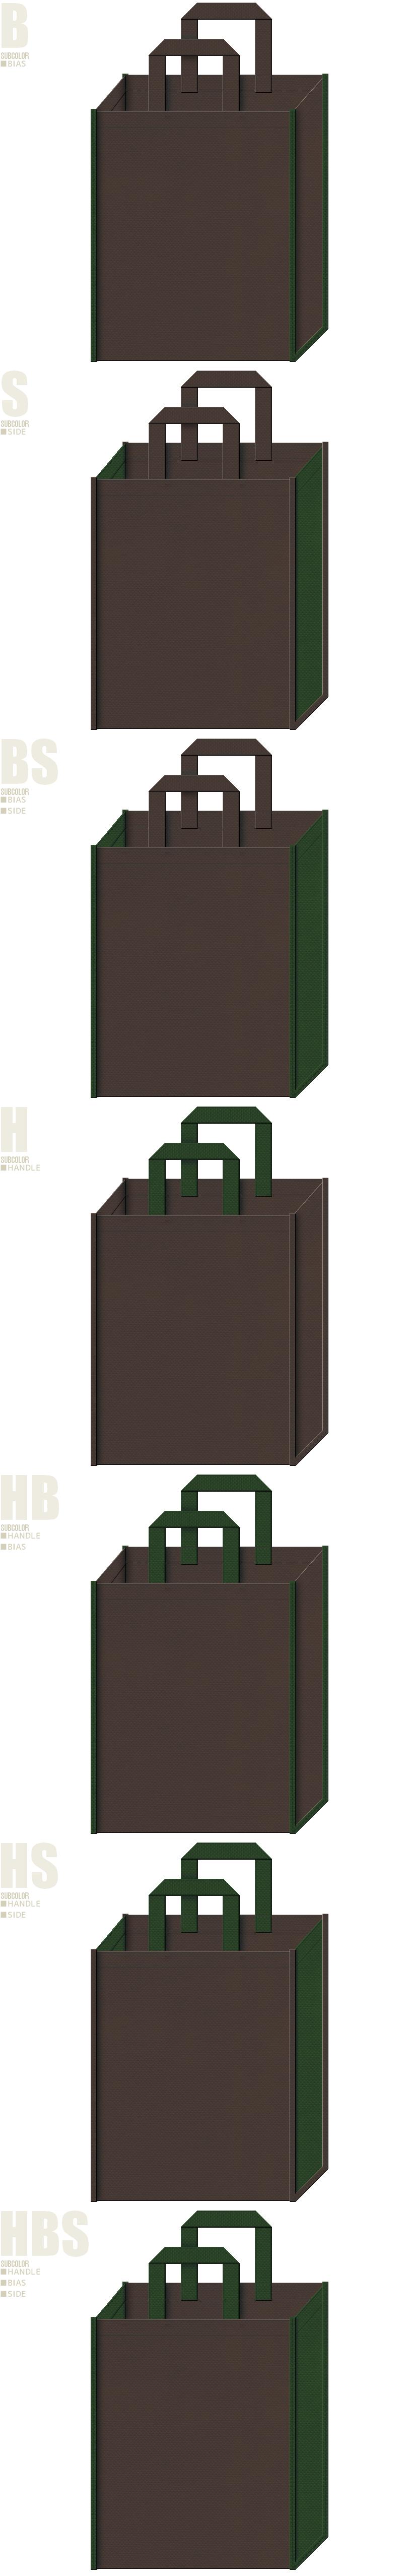 迷彩色・森・ジャングル・探検・アニマル・恐竜・ゲーム・テーマパーク・メンズ・アウトドア・キャンプ用品の展示会用バッグにお奨めの不織布バッグデザイン:こげ茶色と濃緑色の配色7パターン